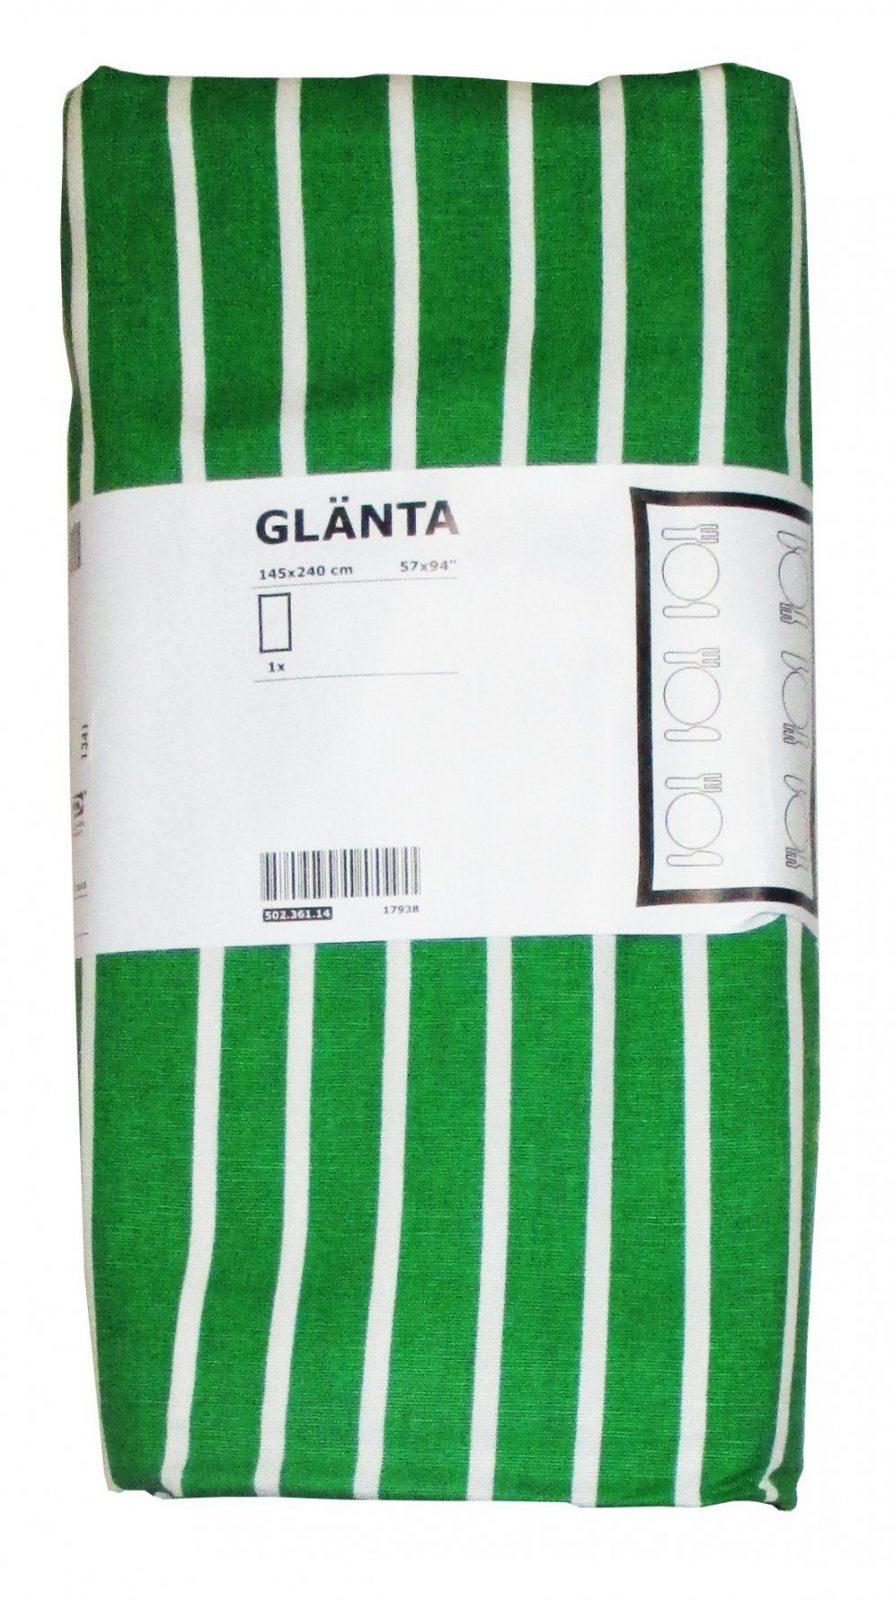 Ikea Glänta 1X Tischdecke Grün Weiß Gestreift 145X240 Baumwolle von Ikea Bettwäsche Grün Photo